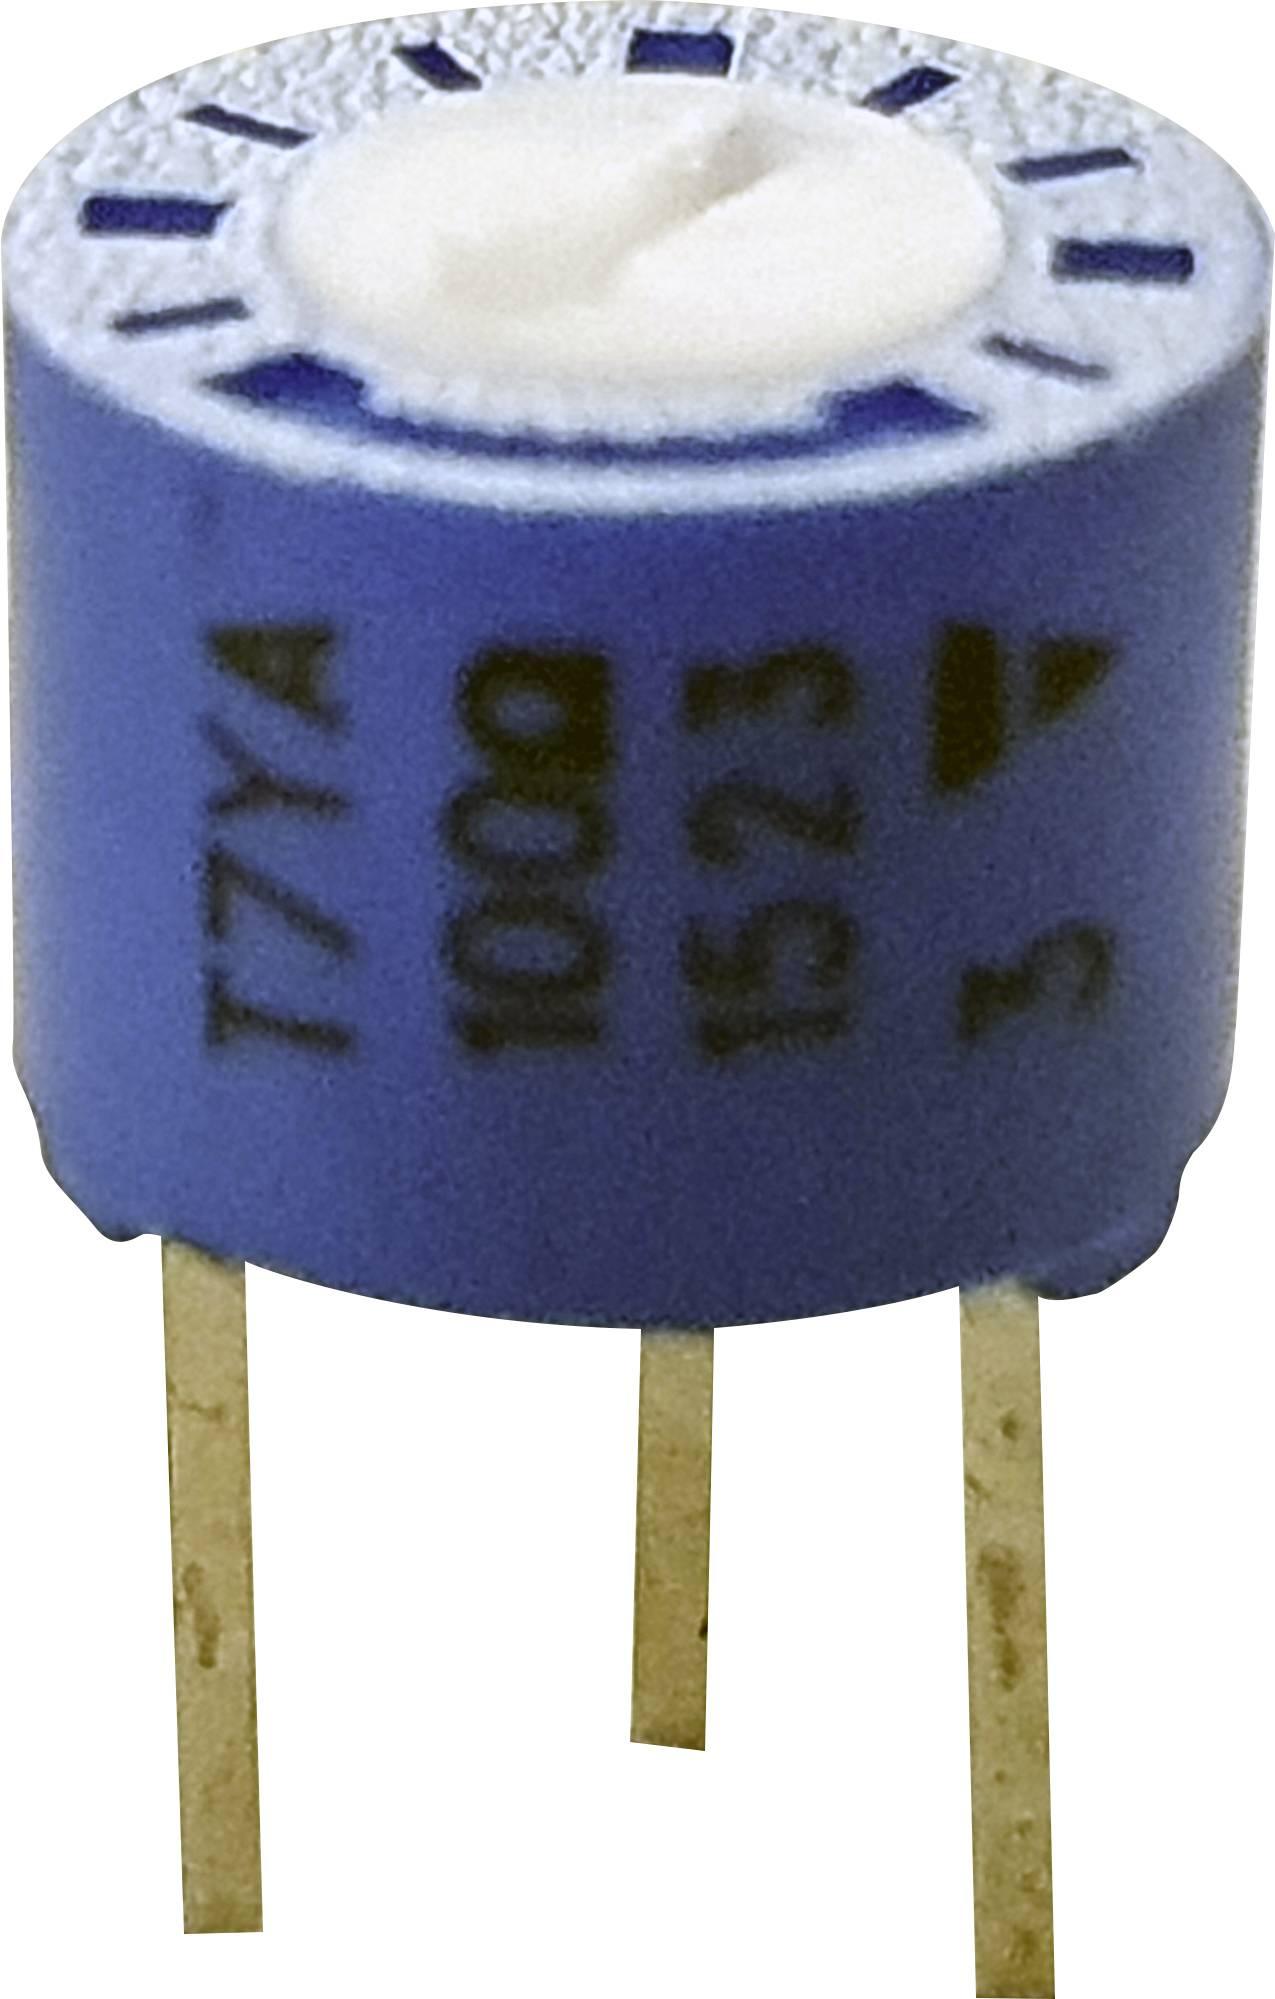 Precízny trimer Vishay 75 P 200K, lineárny, 200 kOhm, 0.5 W, 1 ks